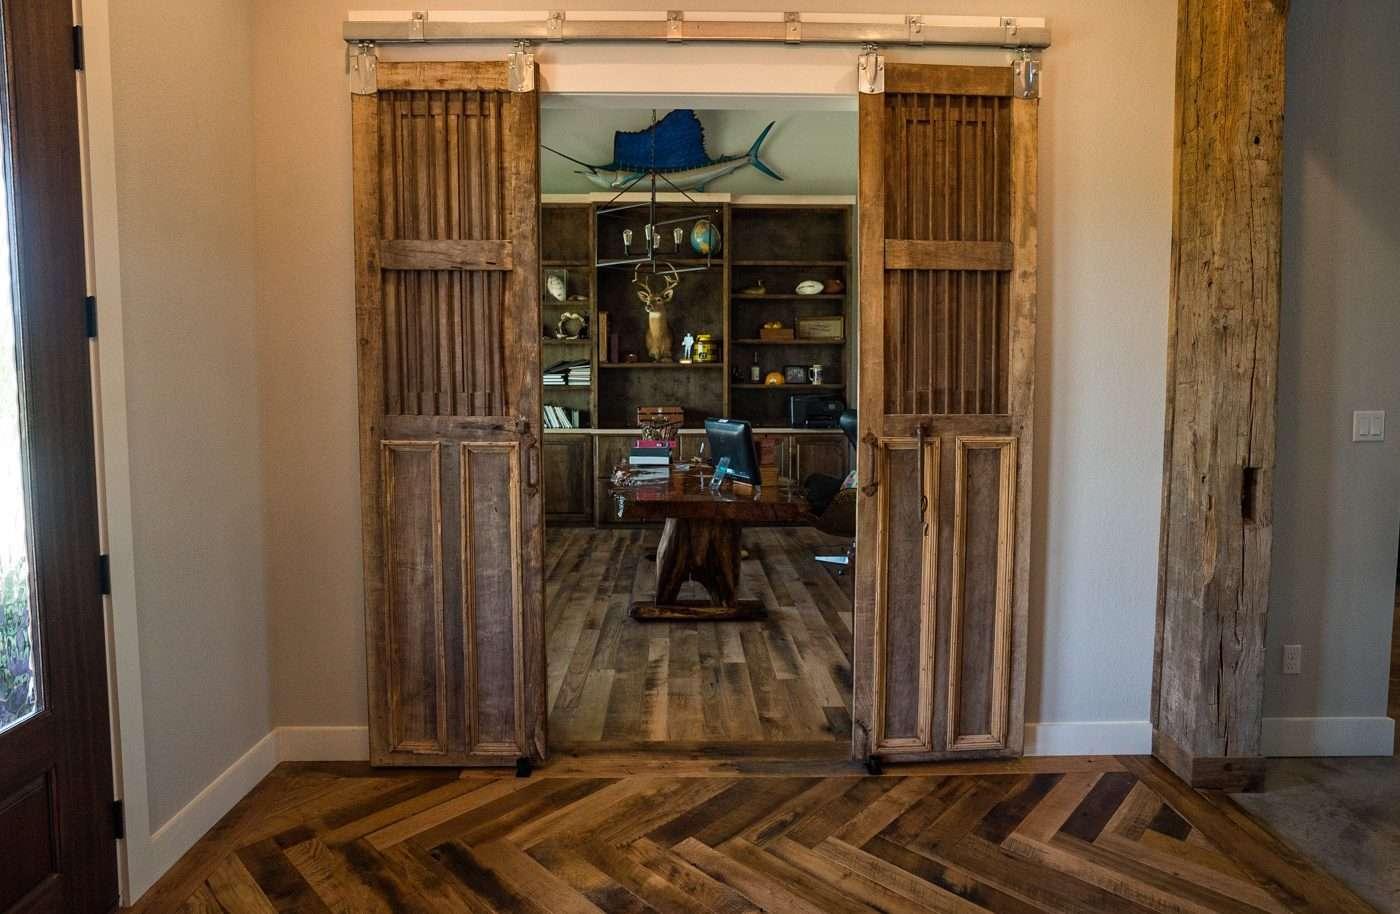 Factors to Consider When Buying Hardwood Flooring